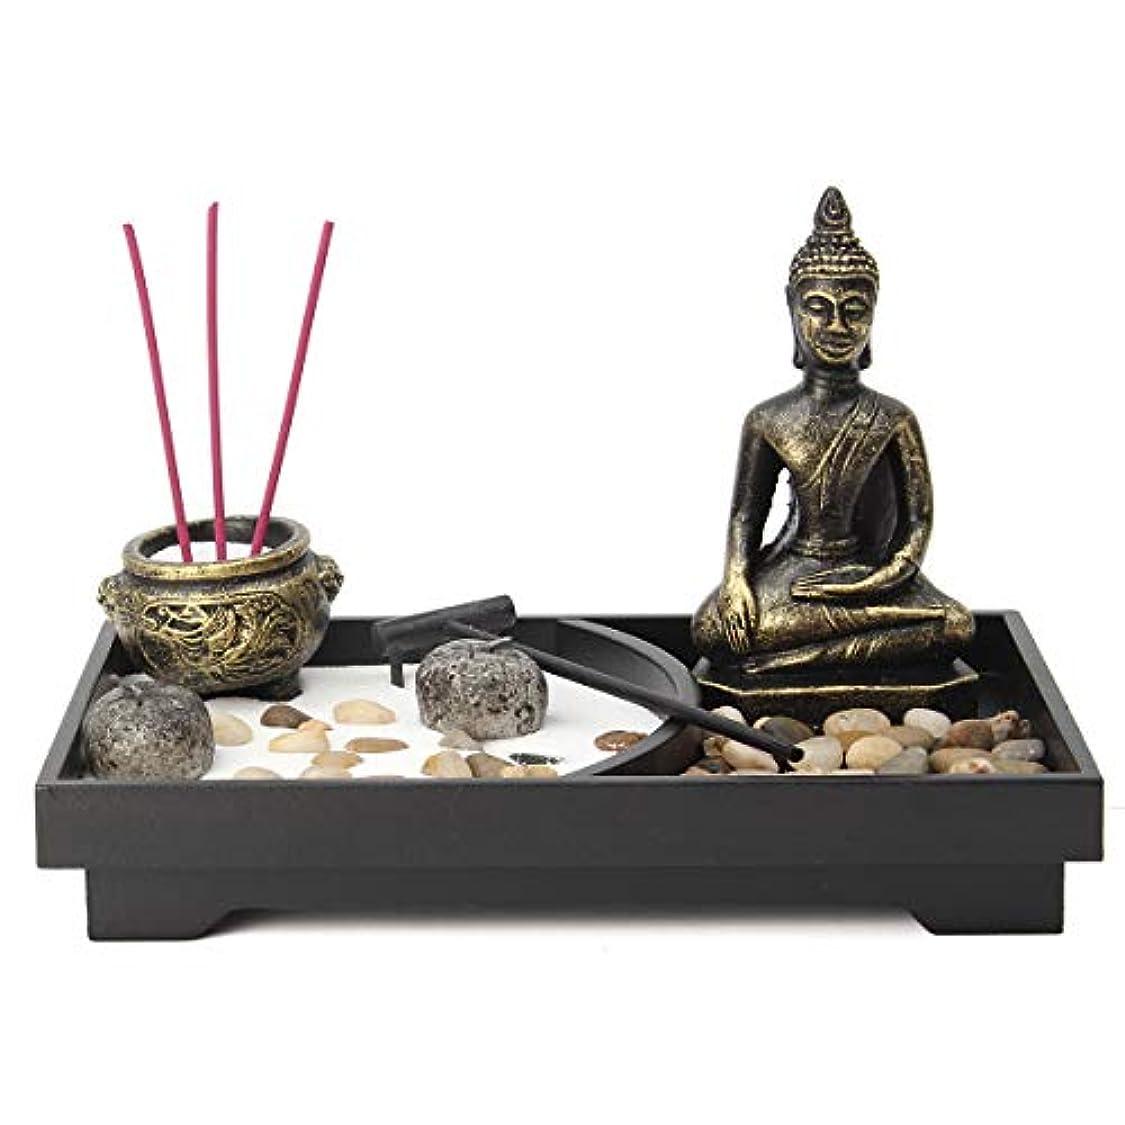 ジャズ発信花輪jeteven Buddha Statue Incense Holder Mini瞑想Zen Garden withワックス、お香バーナーホルダースティックホームDecor & Handicraft、8.82